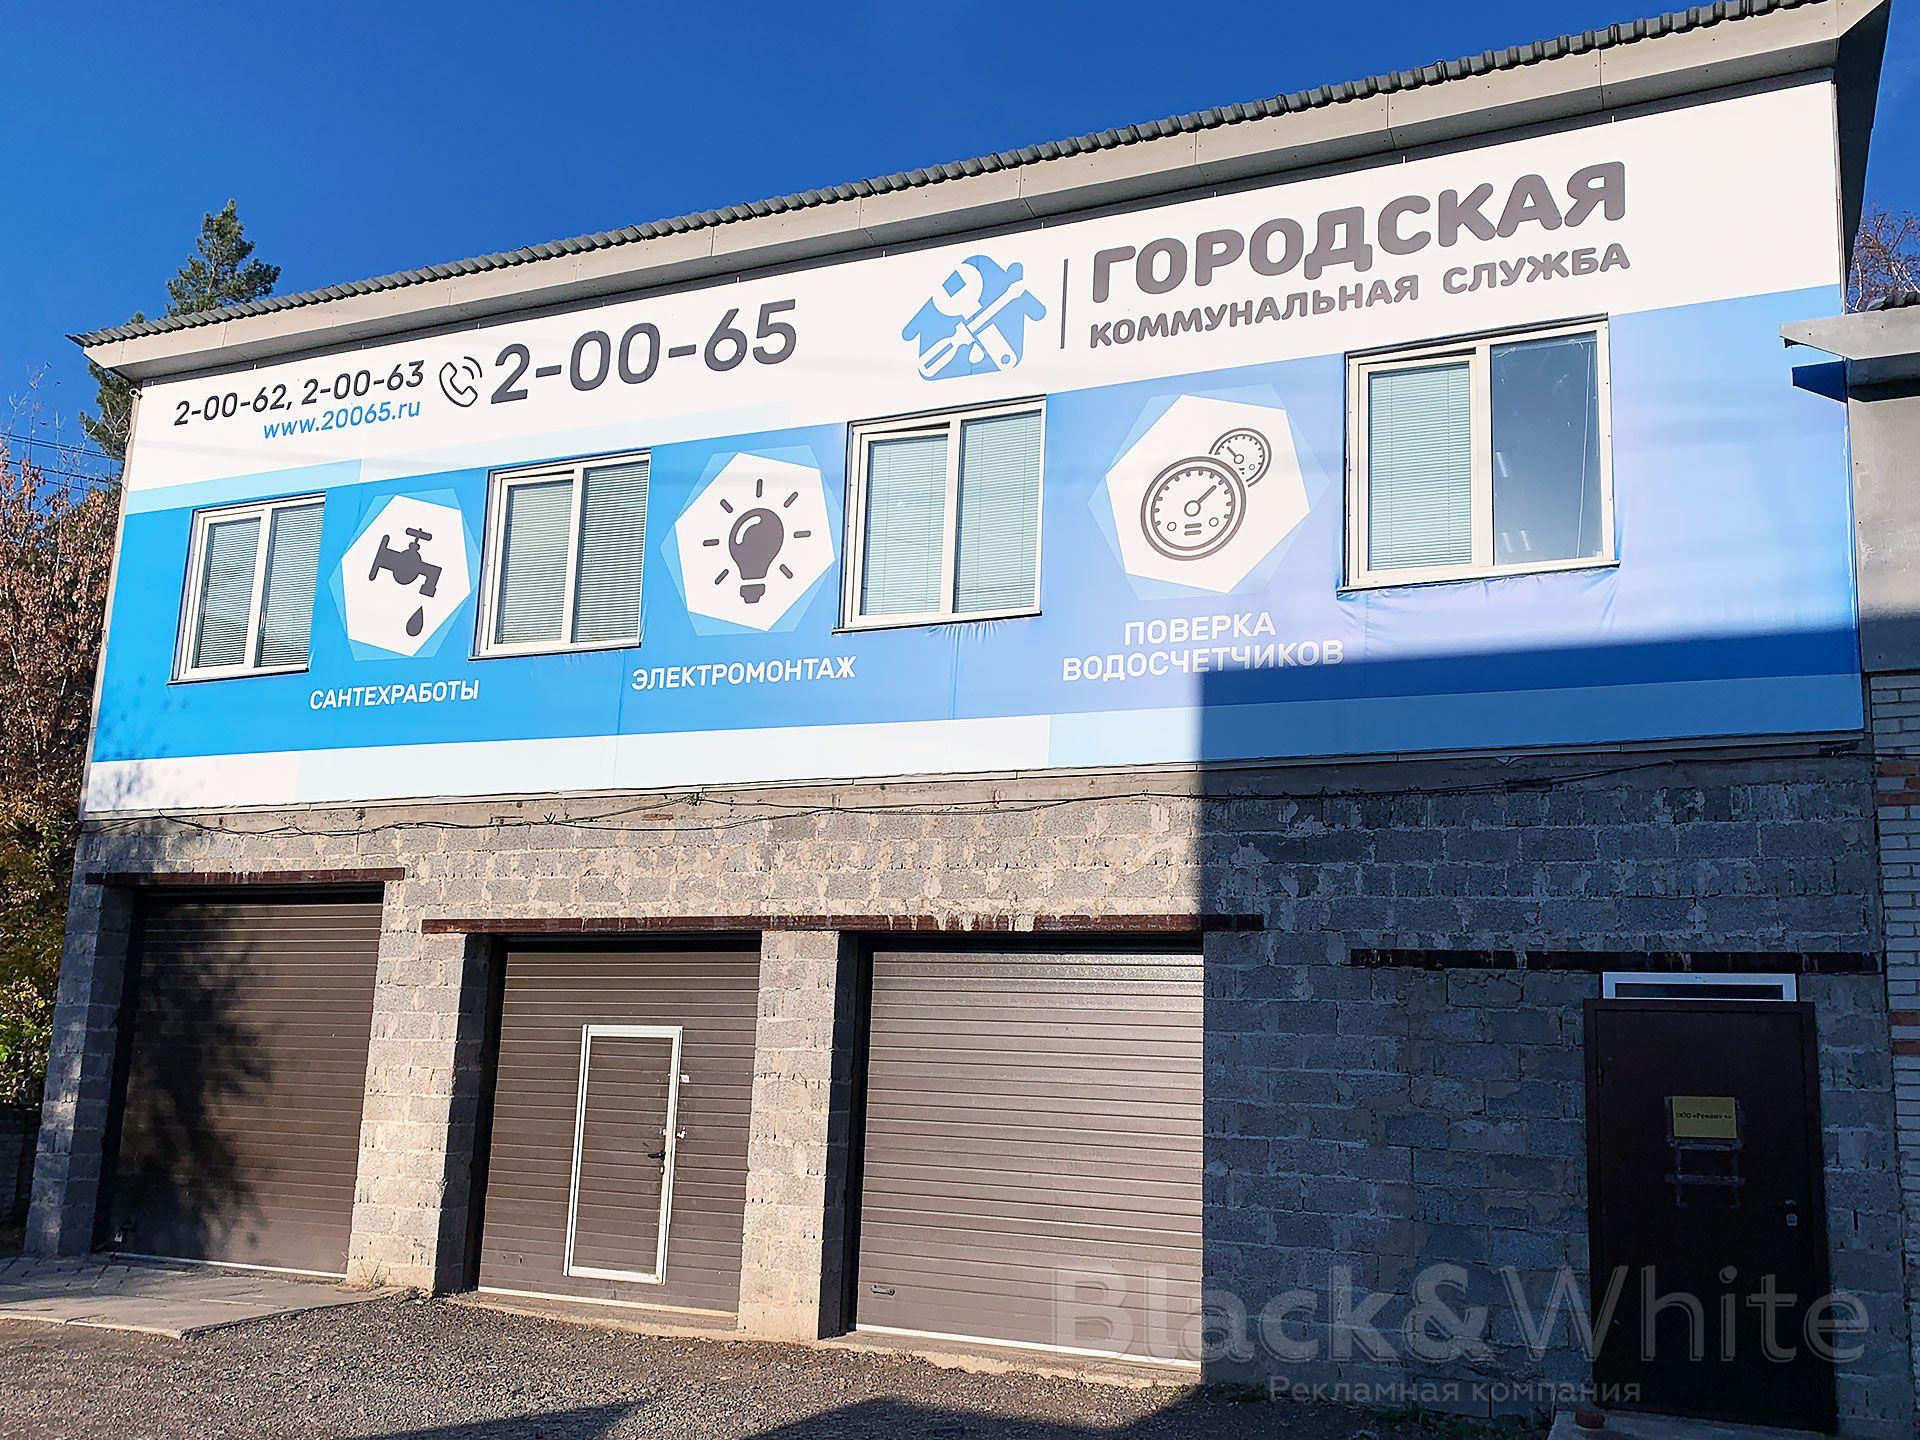 Печать-на-баннере-в-Красноярске...jpg